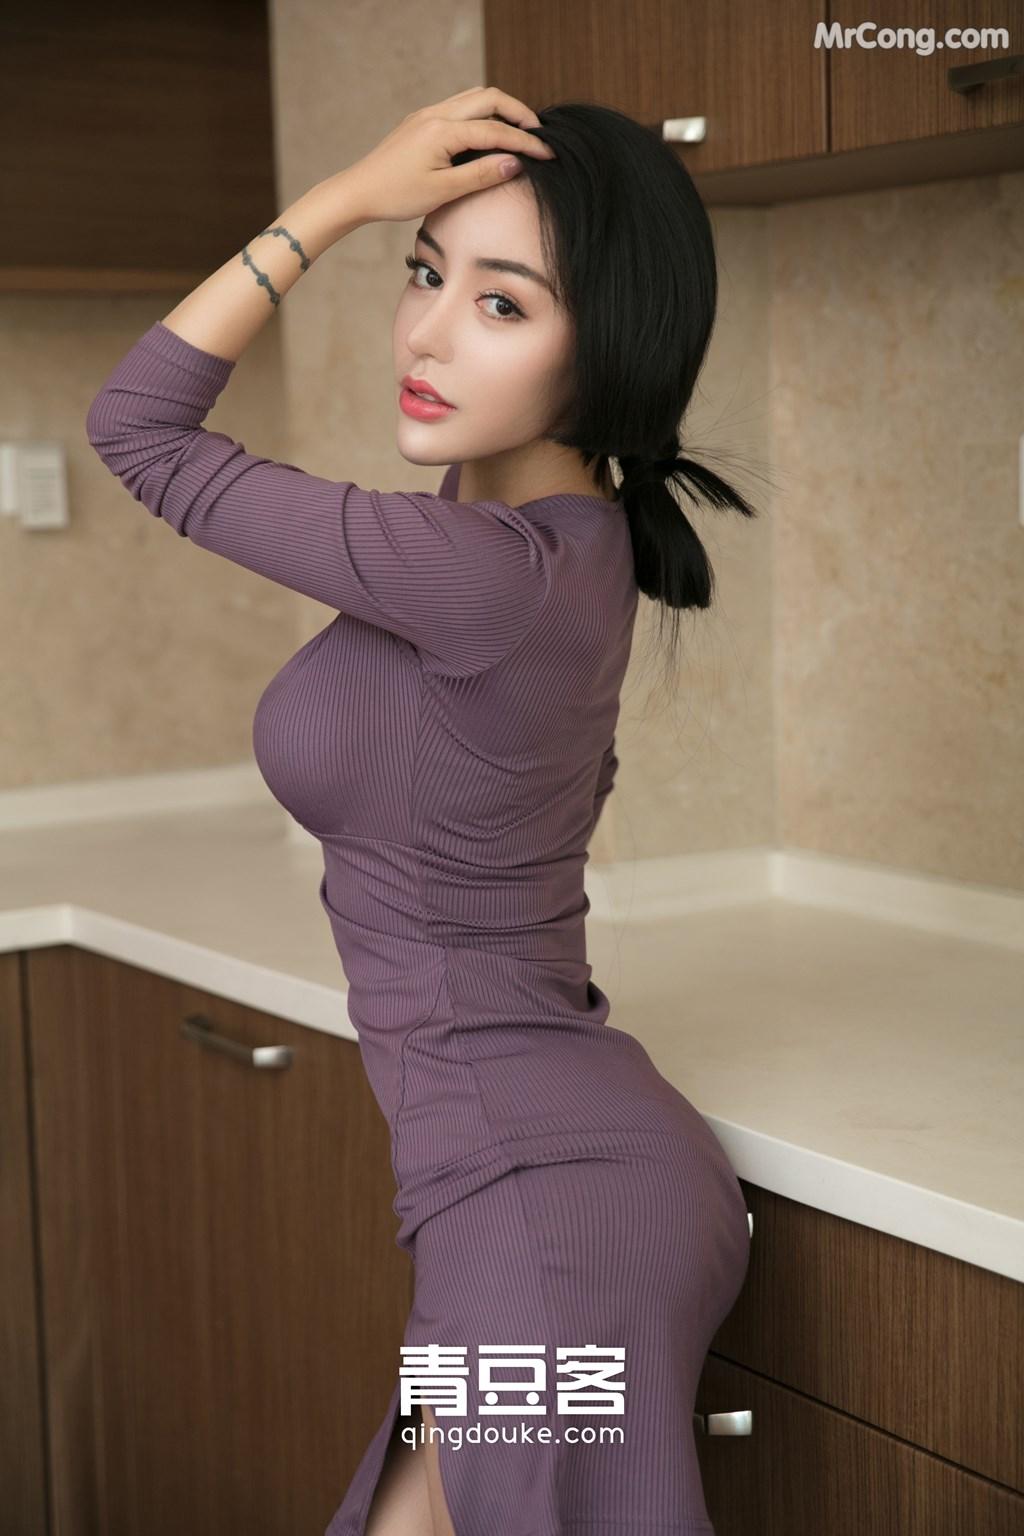 Image QingDouKe-2017-11-22-Lu-Zi-Qi-MrCong.com-004 in post QingDouKe 2017-11-22: Người mẫu Lu Zi Qi (陆梓琪) (51 ảnh)